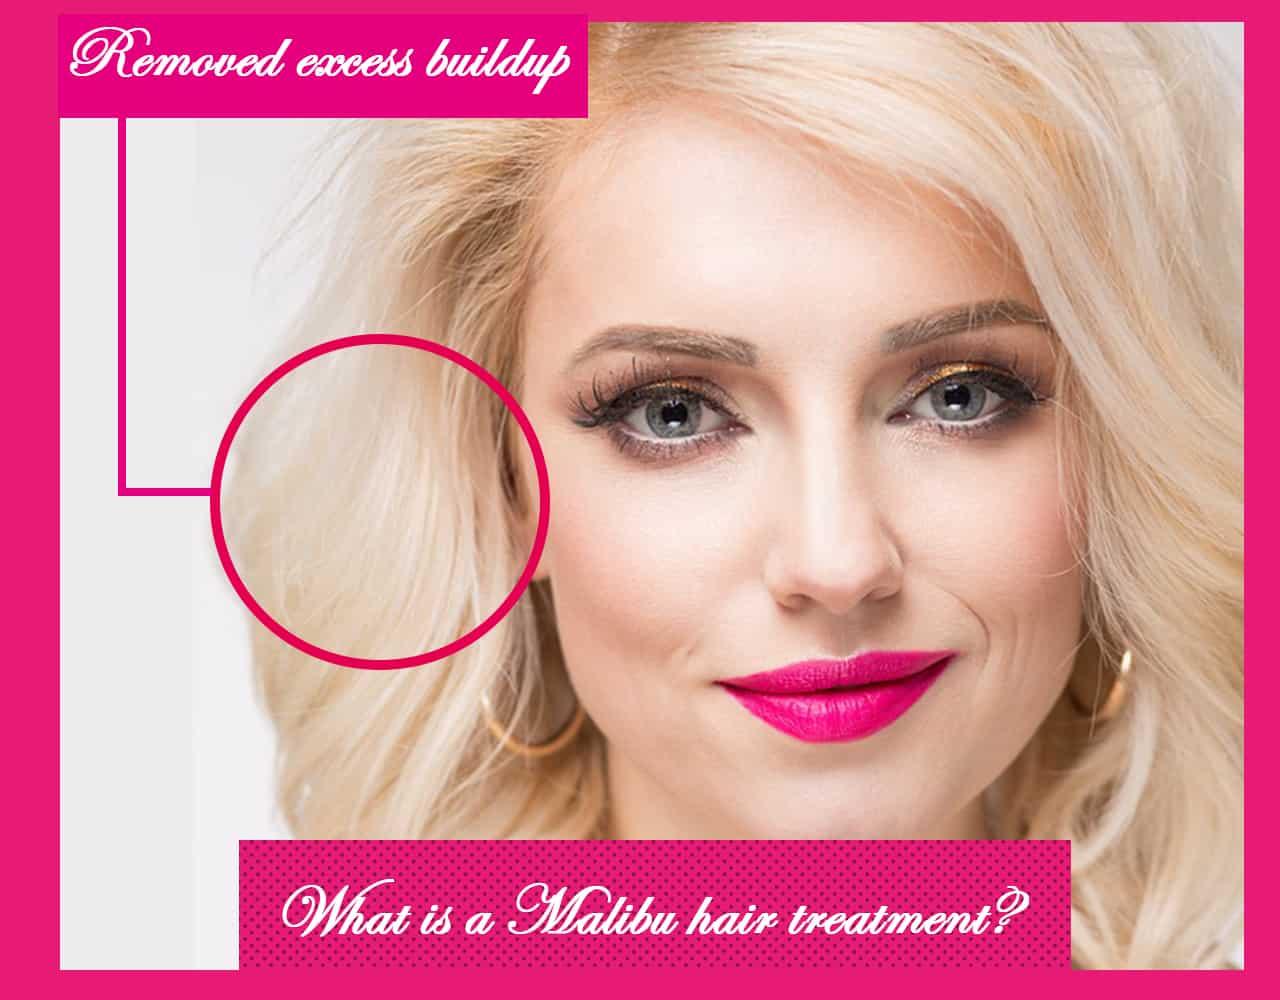 What is a Malibu hair treatment